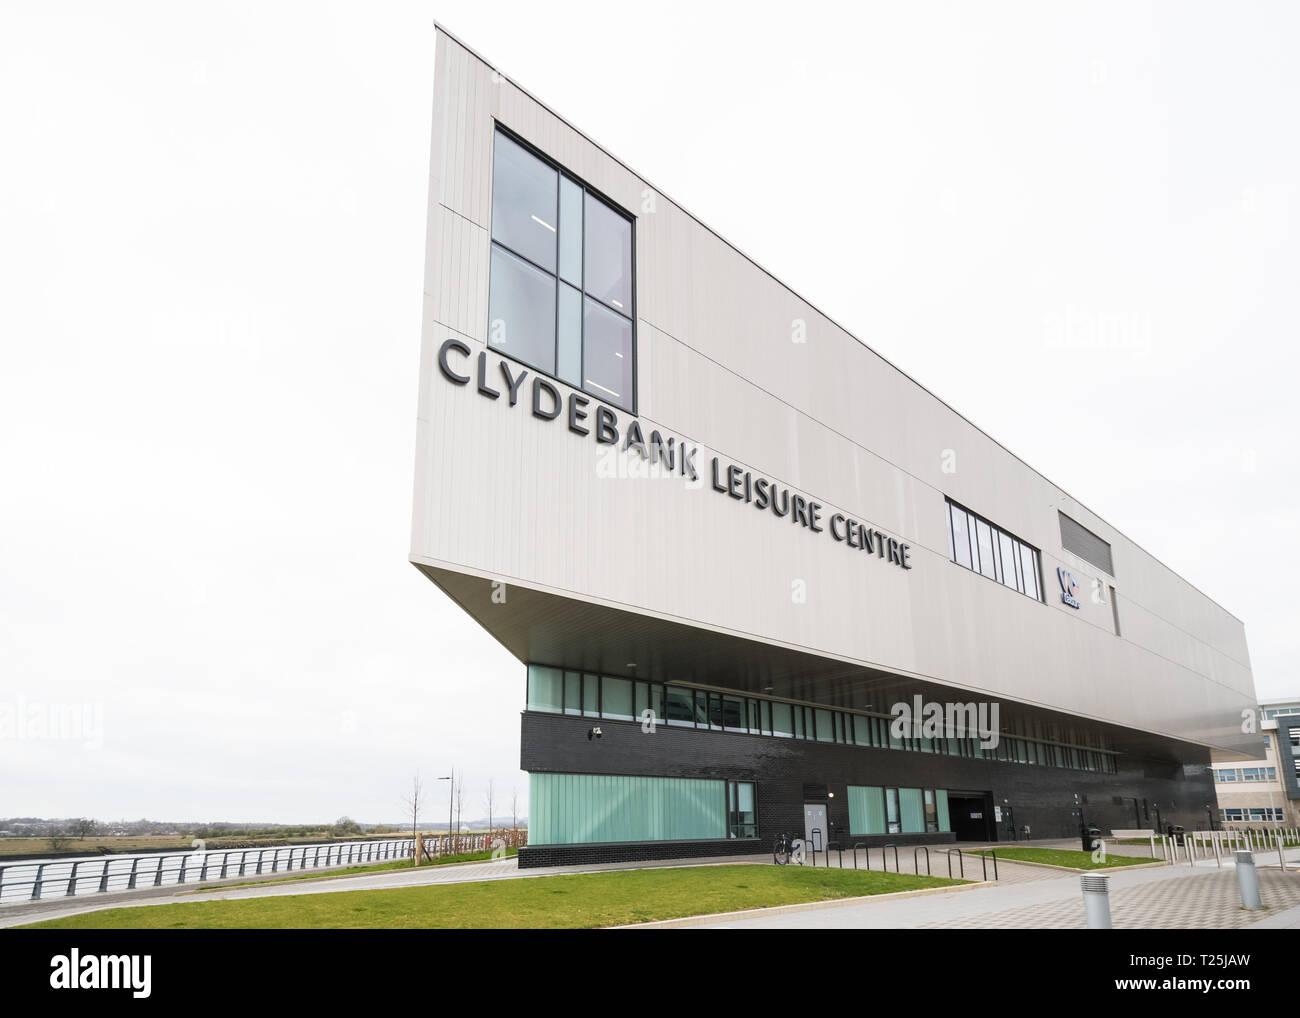 Clydebank Leisure Centre, Queen's Quay, Clydebank, Scotland, UK - Stock Image